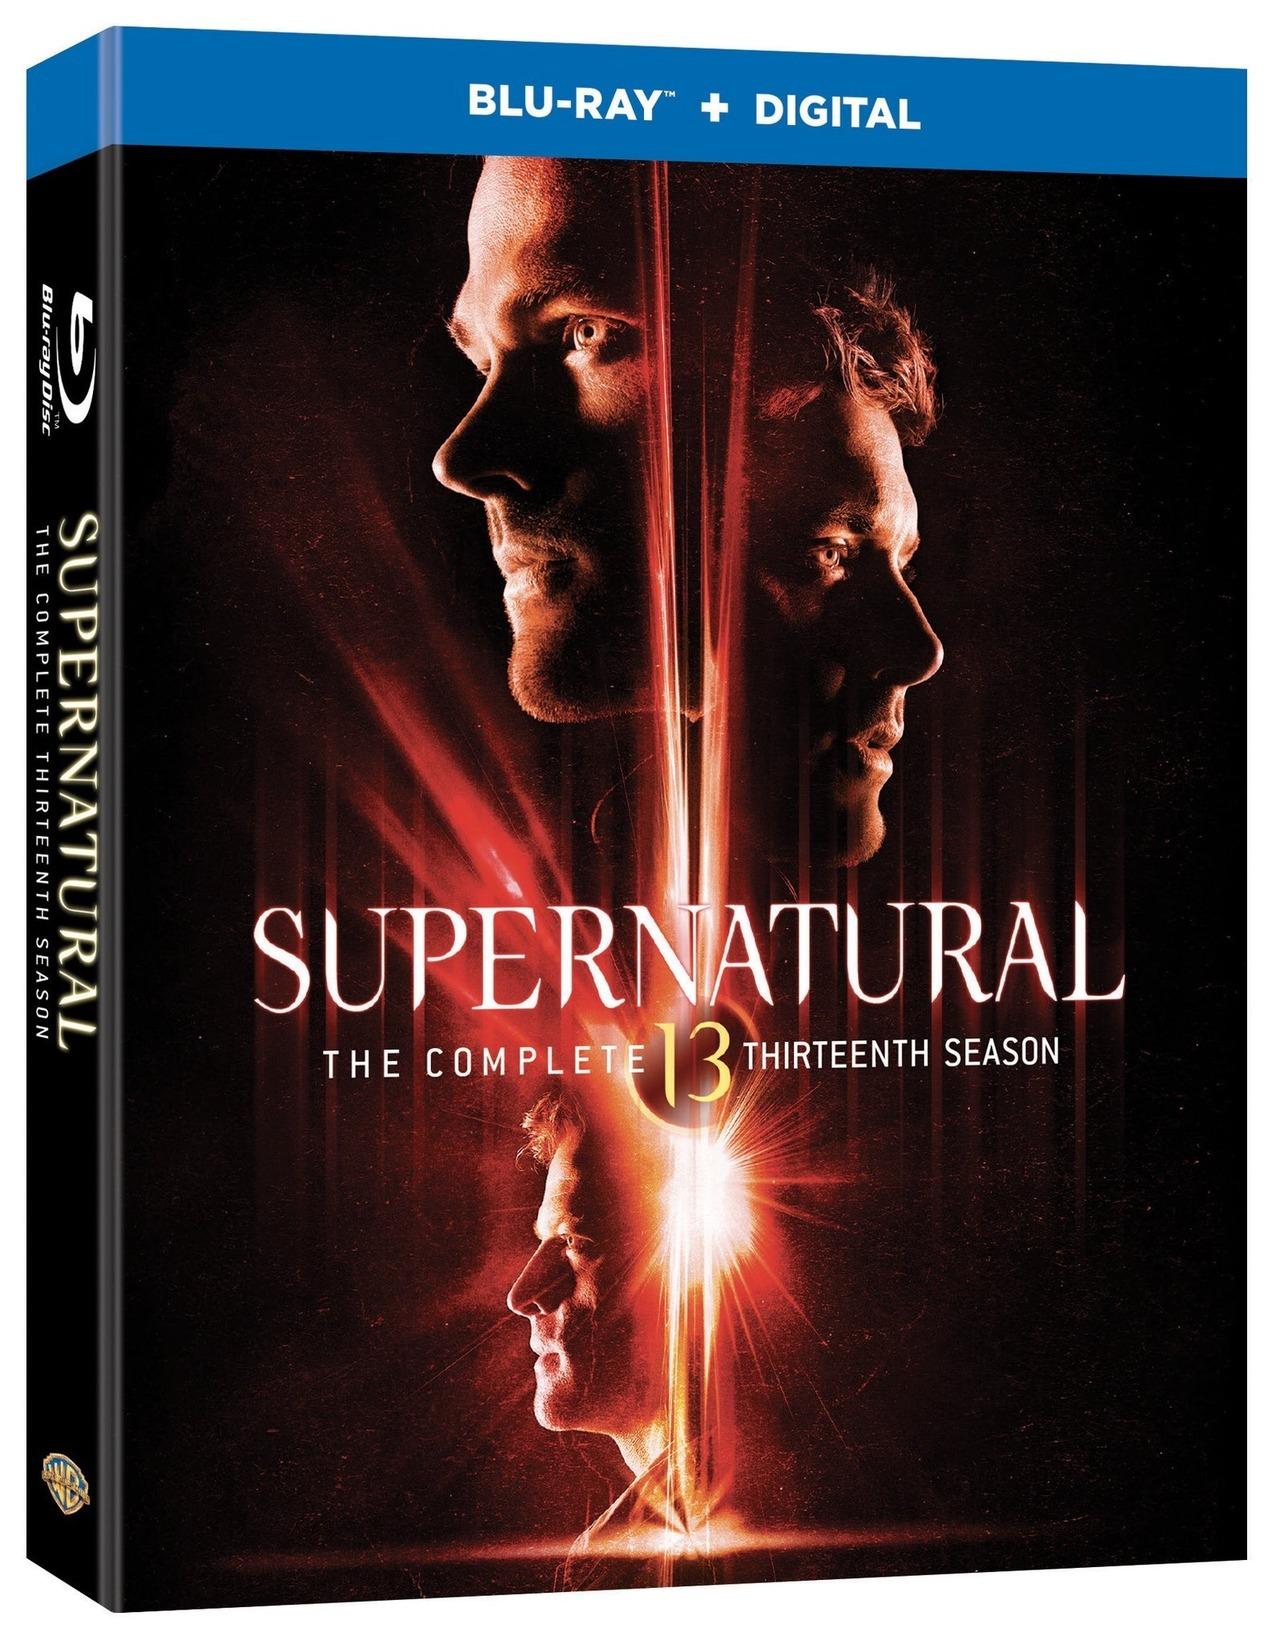 Supernatural Digital Poster